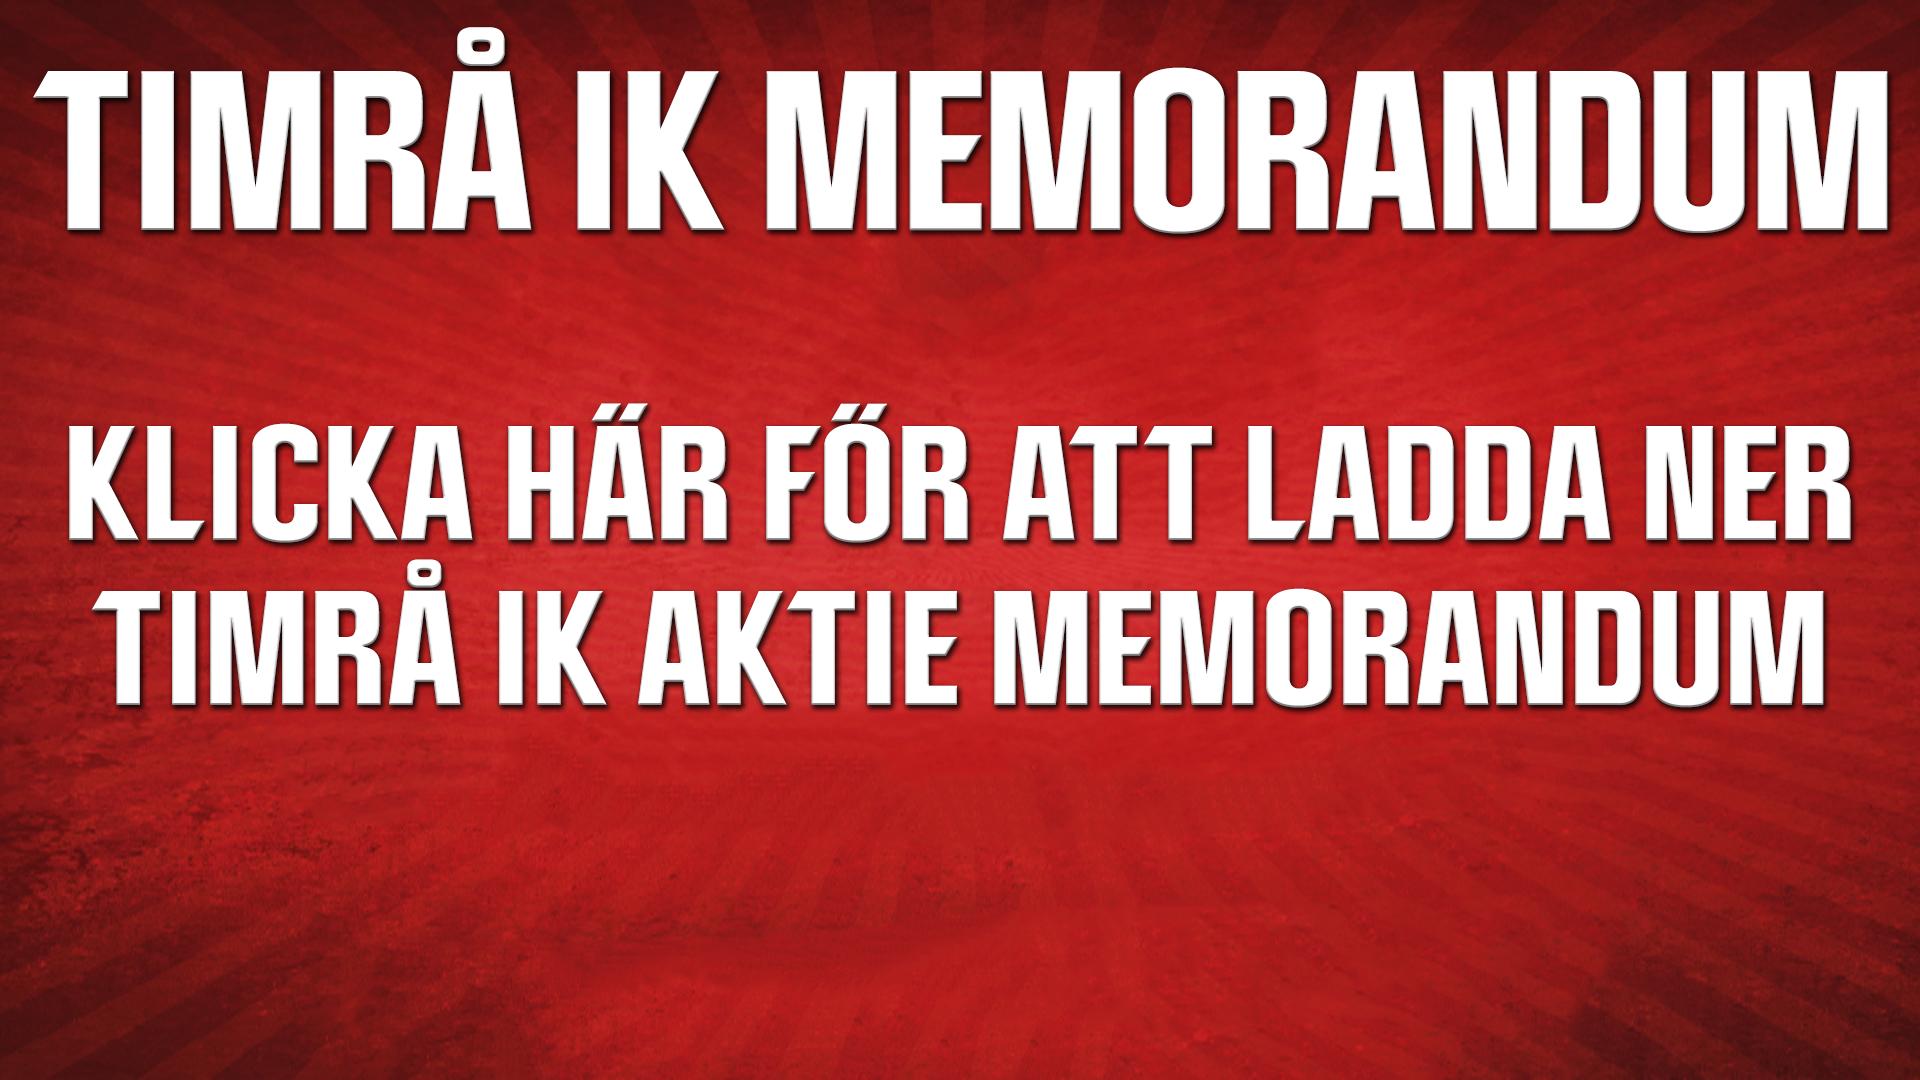 Timrå IK Memorandum